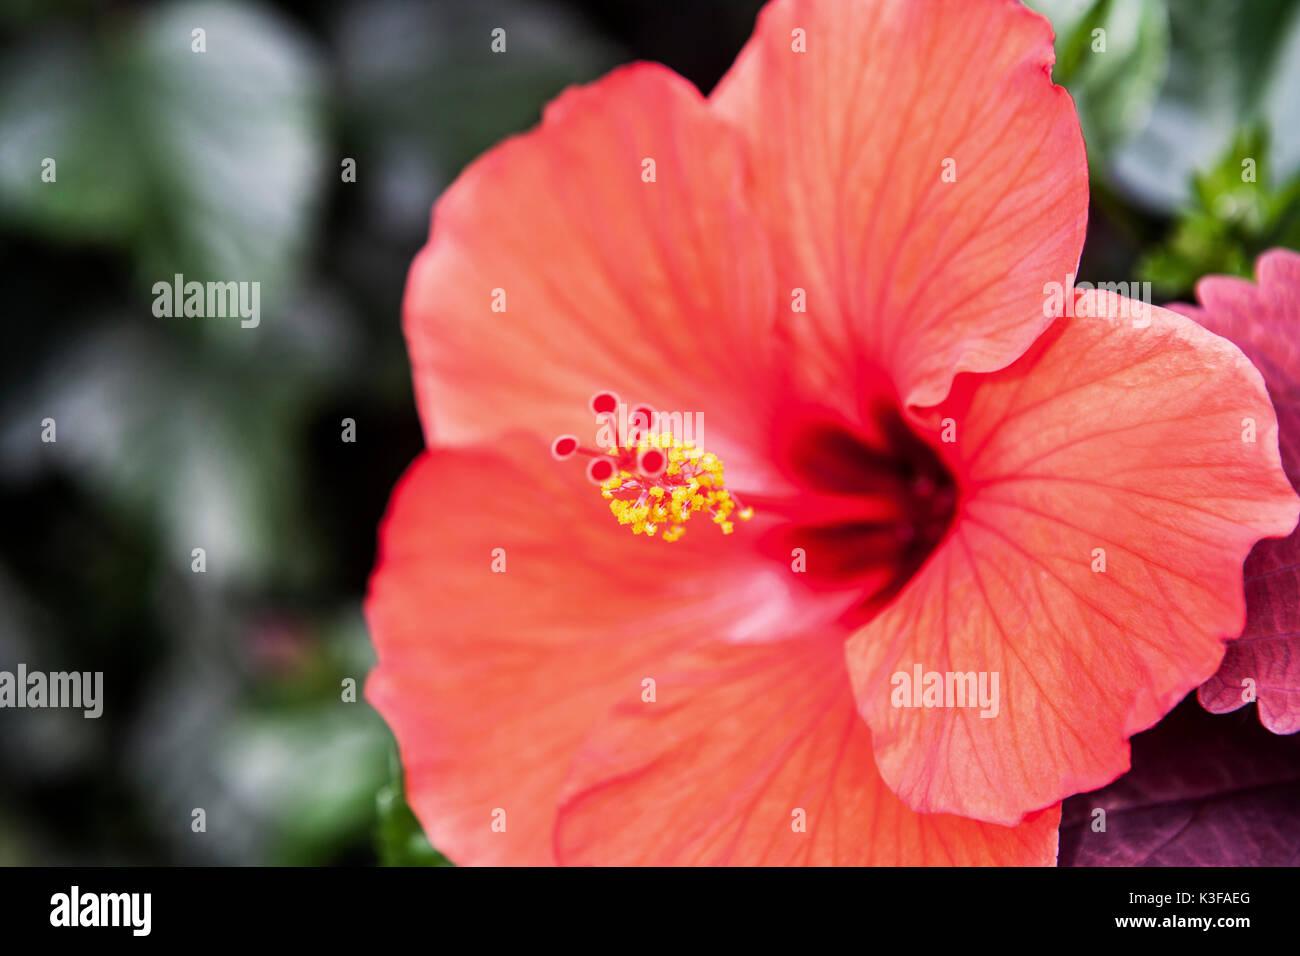 Orange hibiscus flower stock photos orange hibiscus flower stock orange hibiscus flower in bloom stock image izmirmasajfo